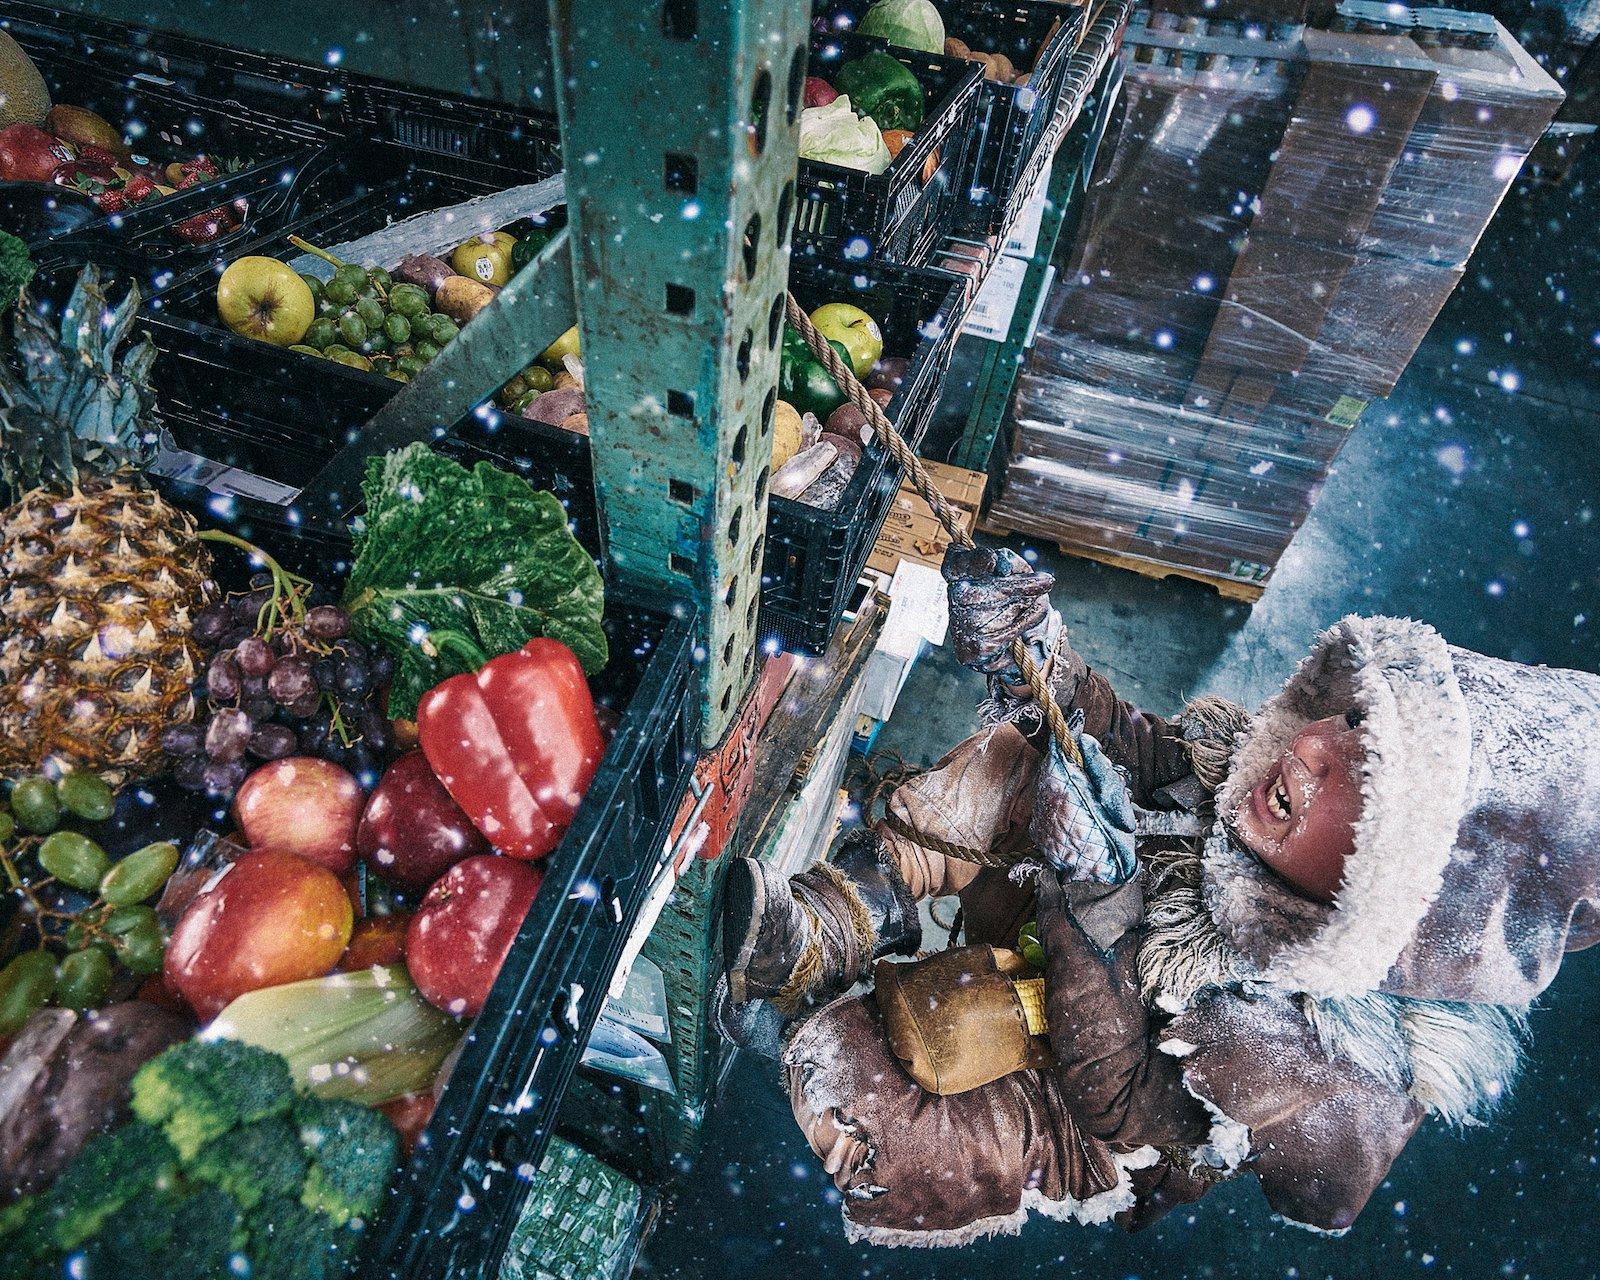 Fotografías contra el hambre infantil por Benjamin Von Wong